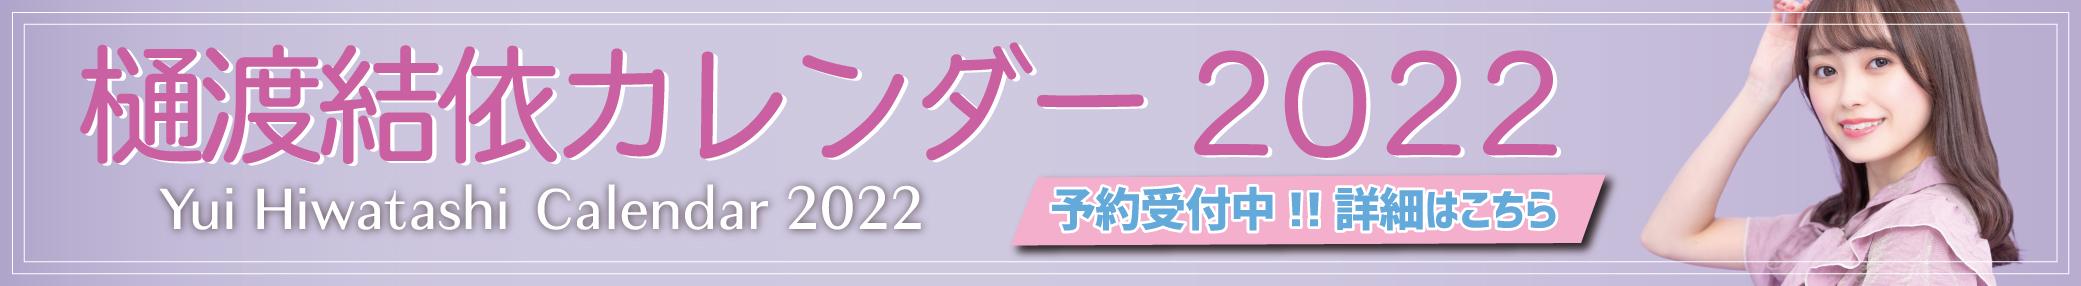 樋渡結依カレンダー2022